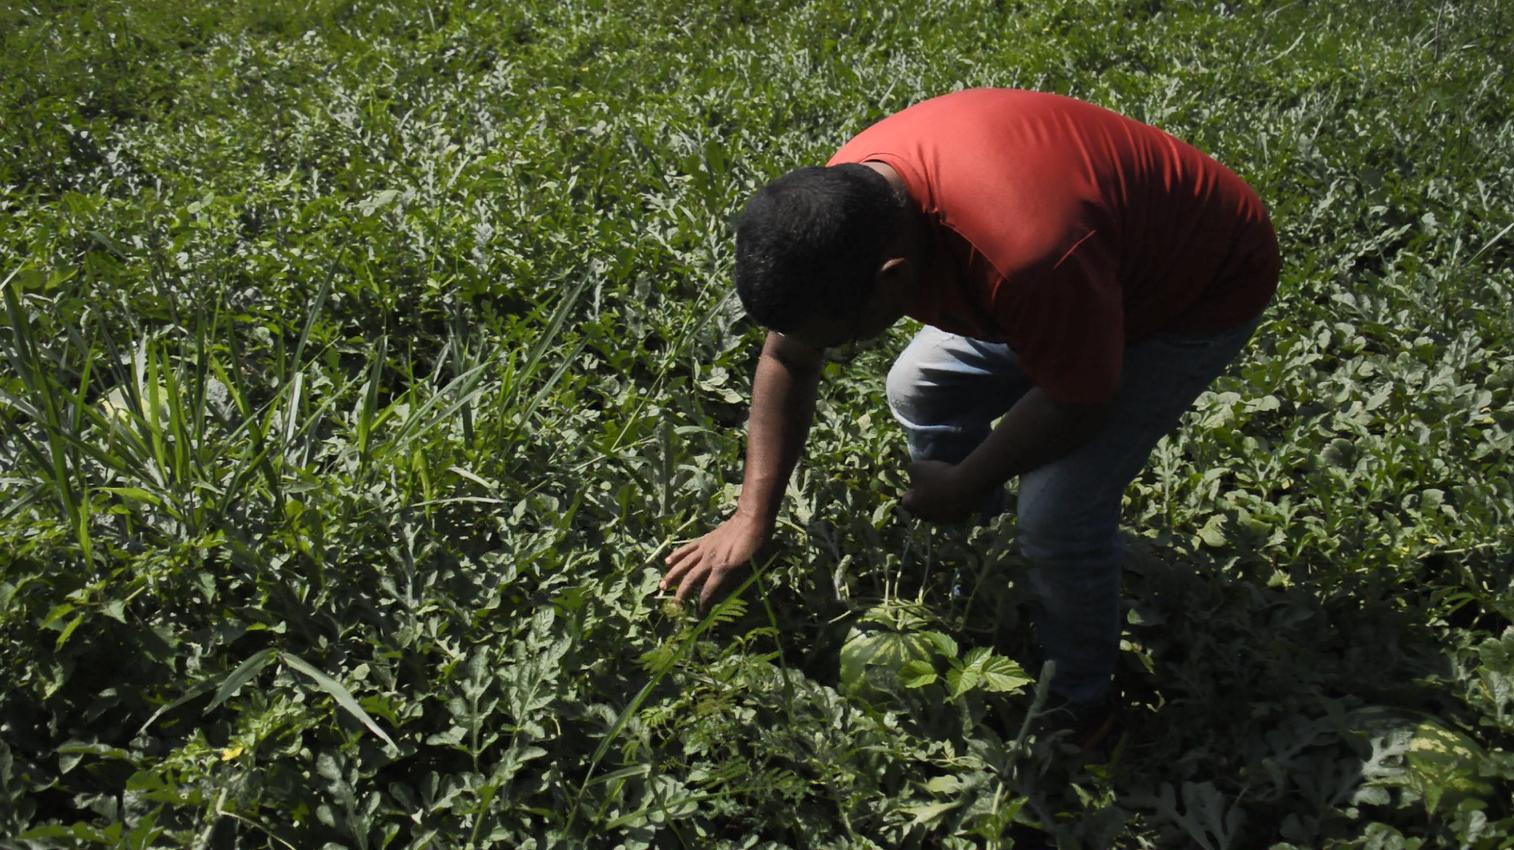 Agricultor durante a colheita na comunidade quilombola São Miguel, em Maracaju (MS). Foto Ethieny Karen